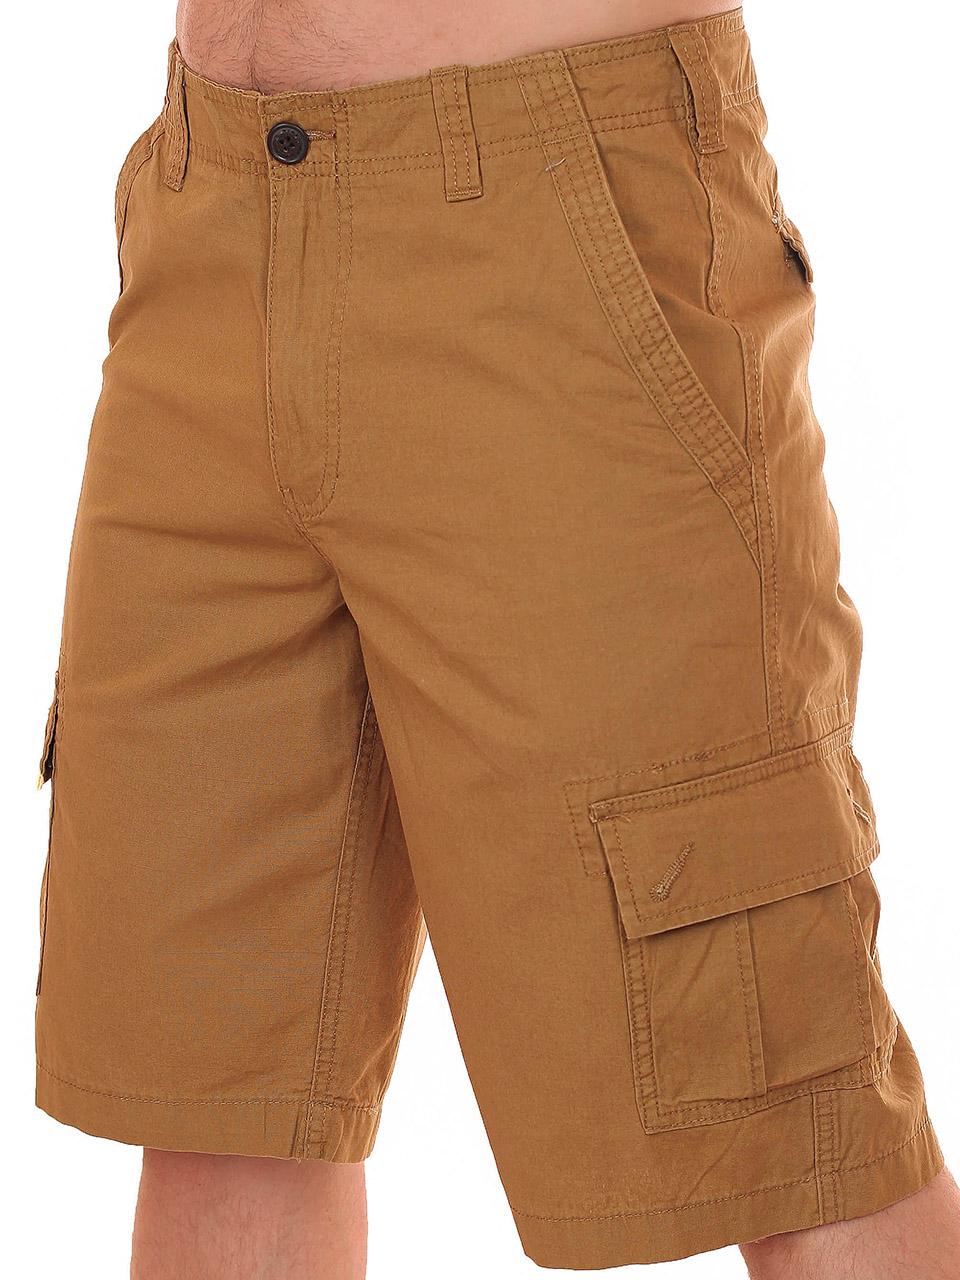 Брендовые мужские шорты хаки-песок от Urban (США)